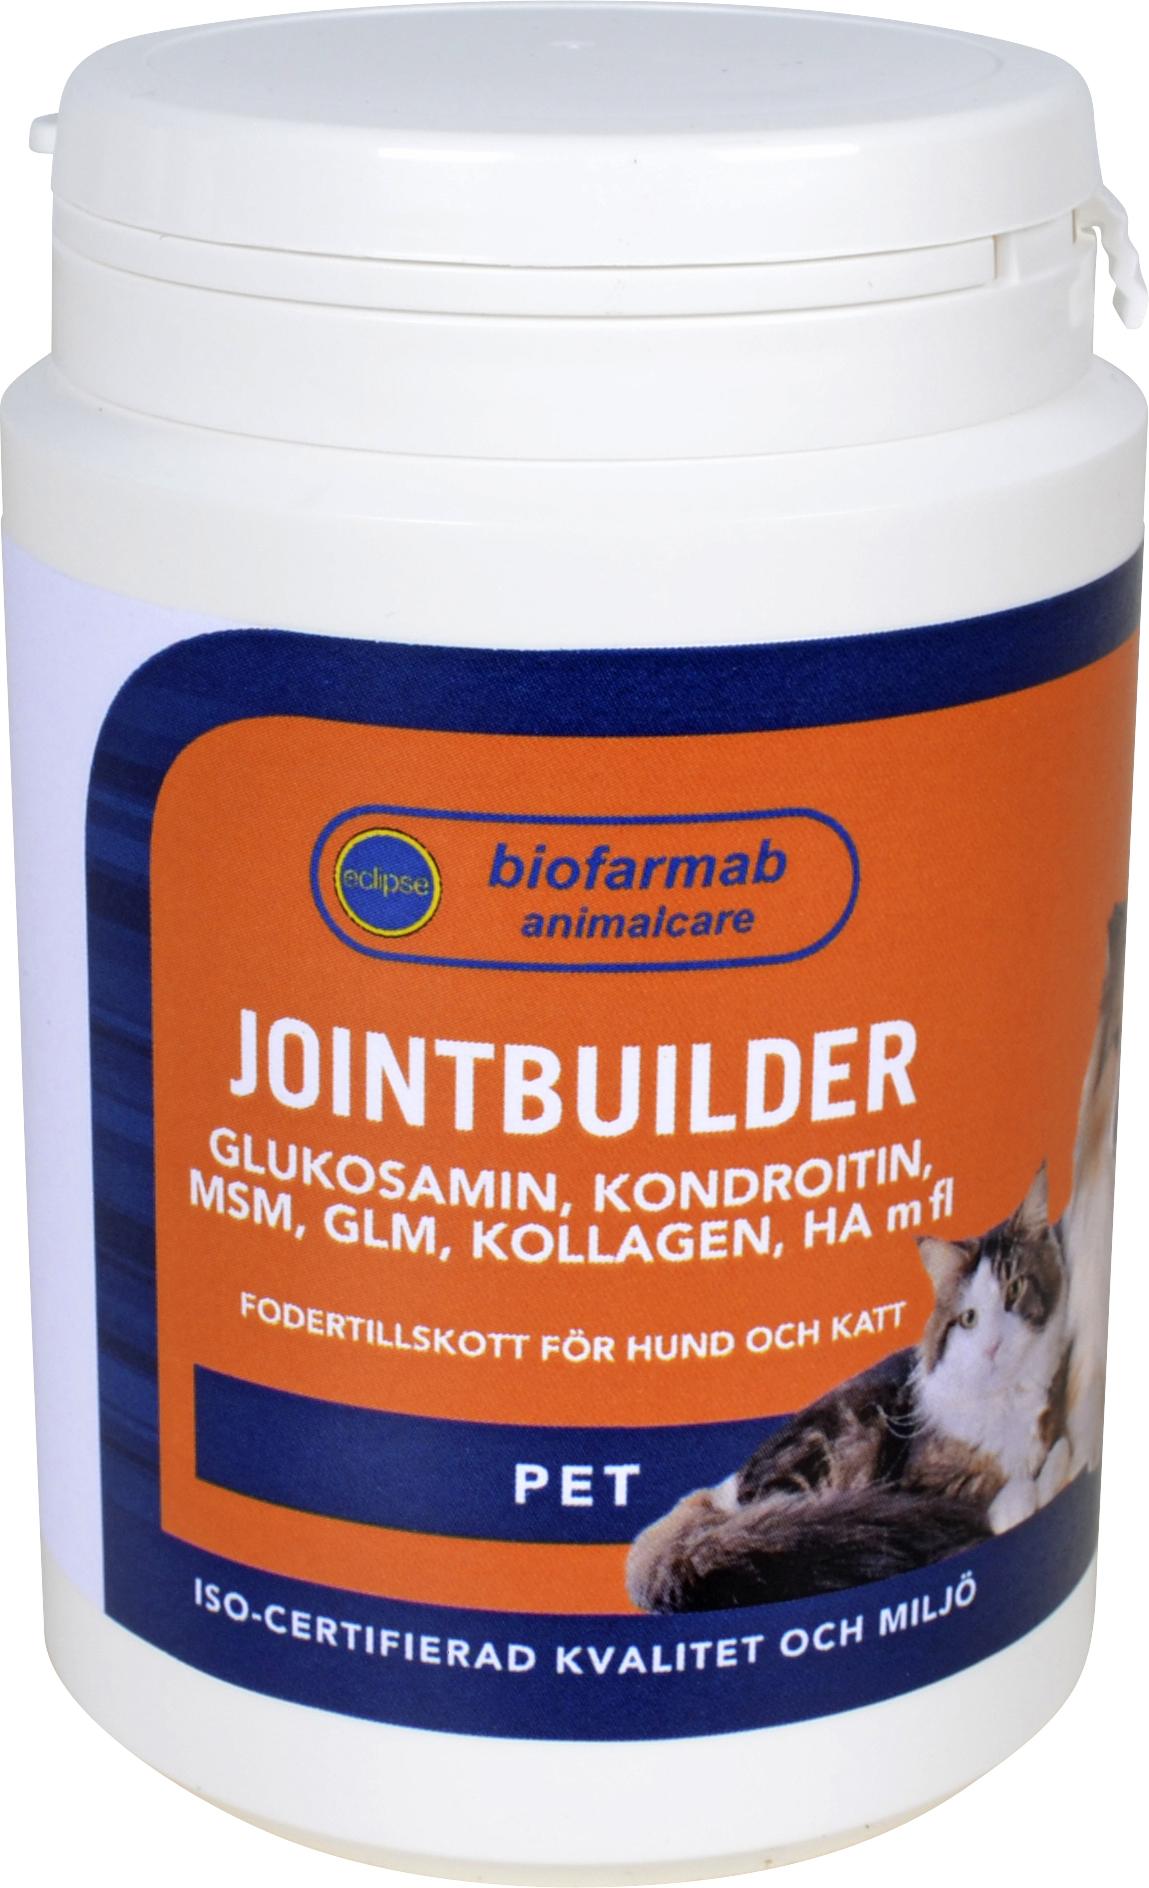 Kosttillskott Eclipse Biofarmab Jointbuilder, 150 g